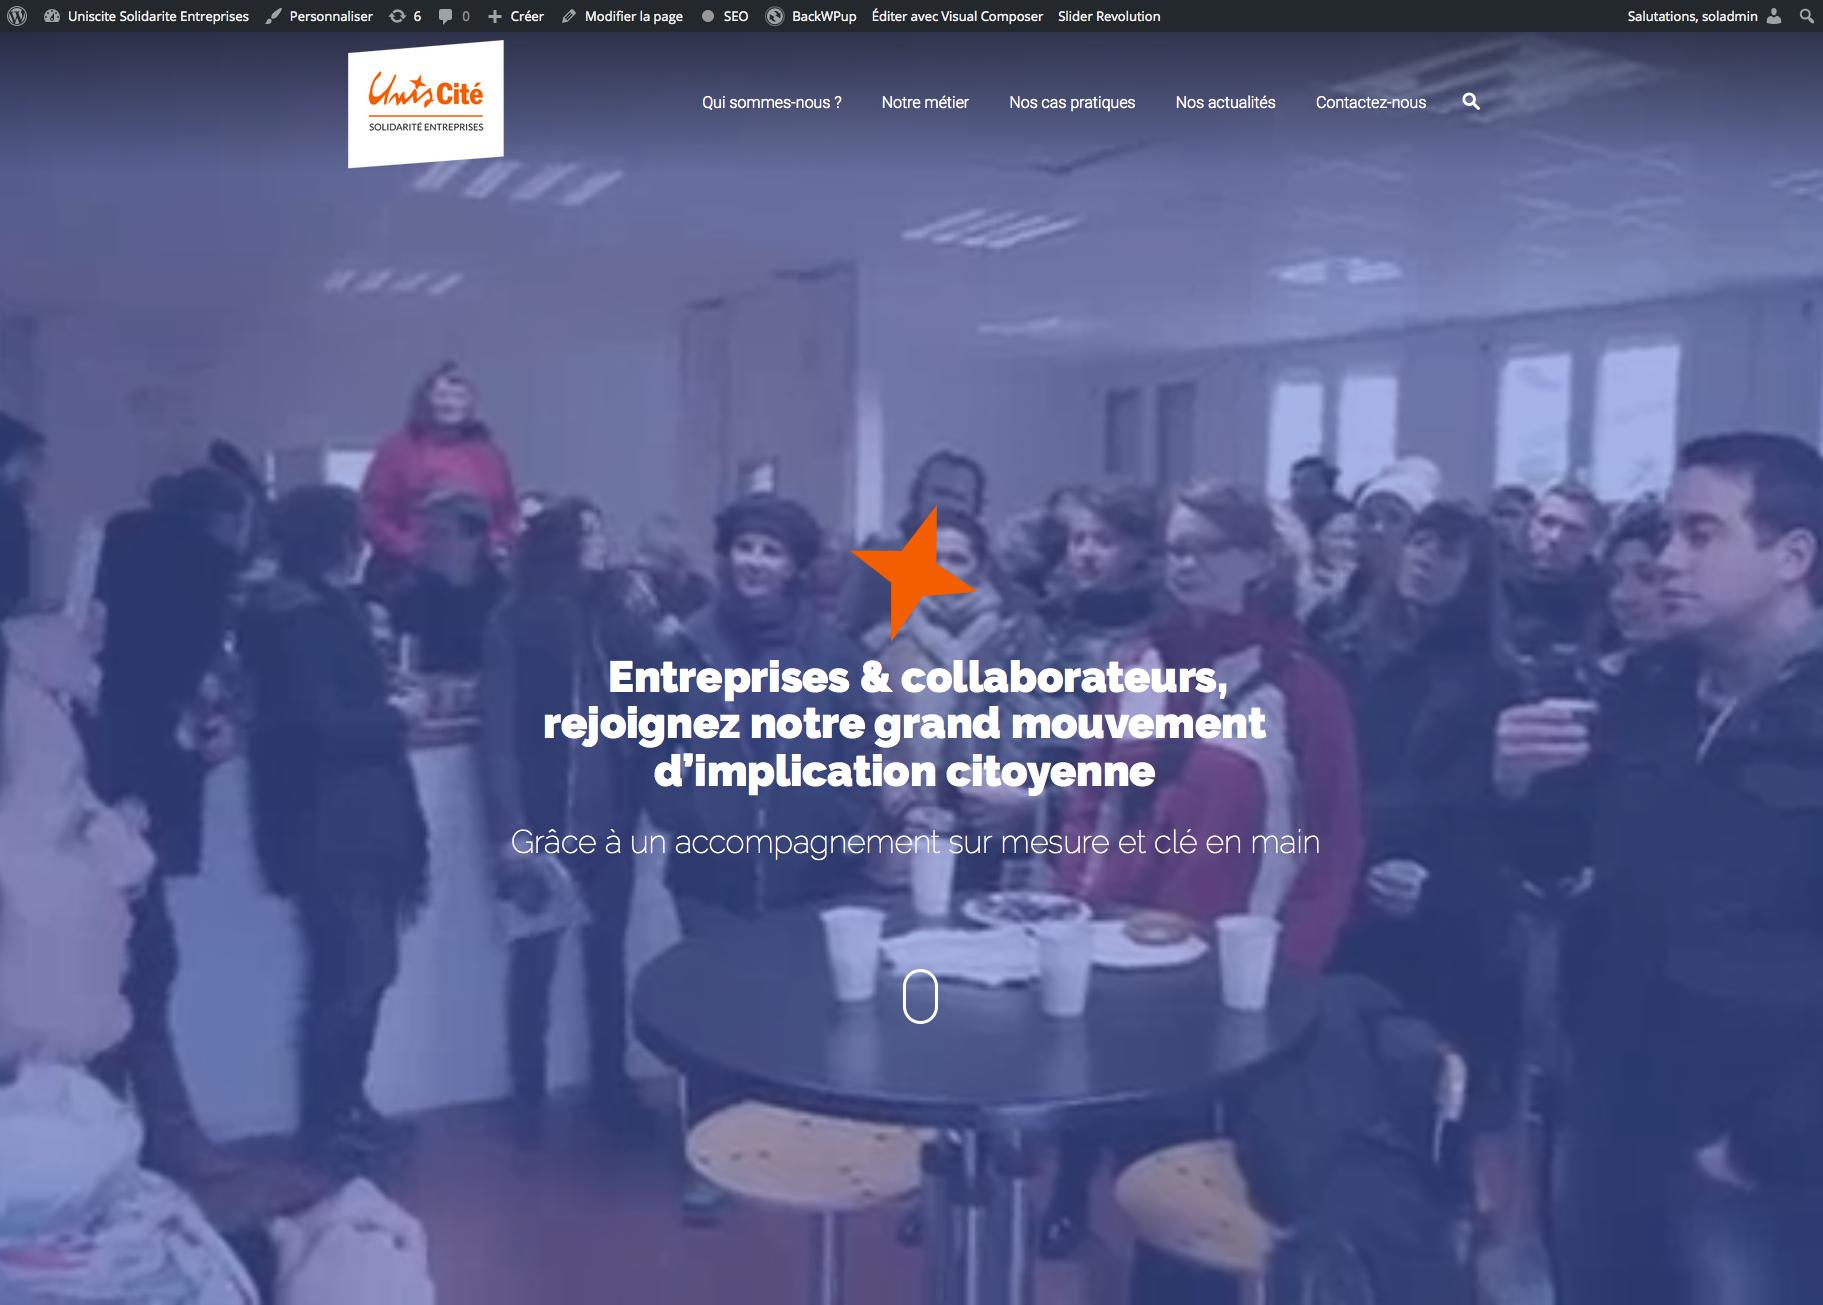 Unis-Cité Solidarité Entreprise